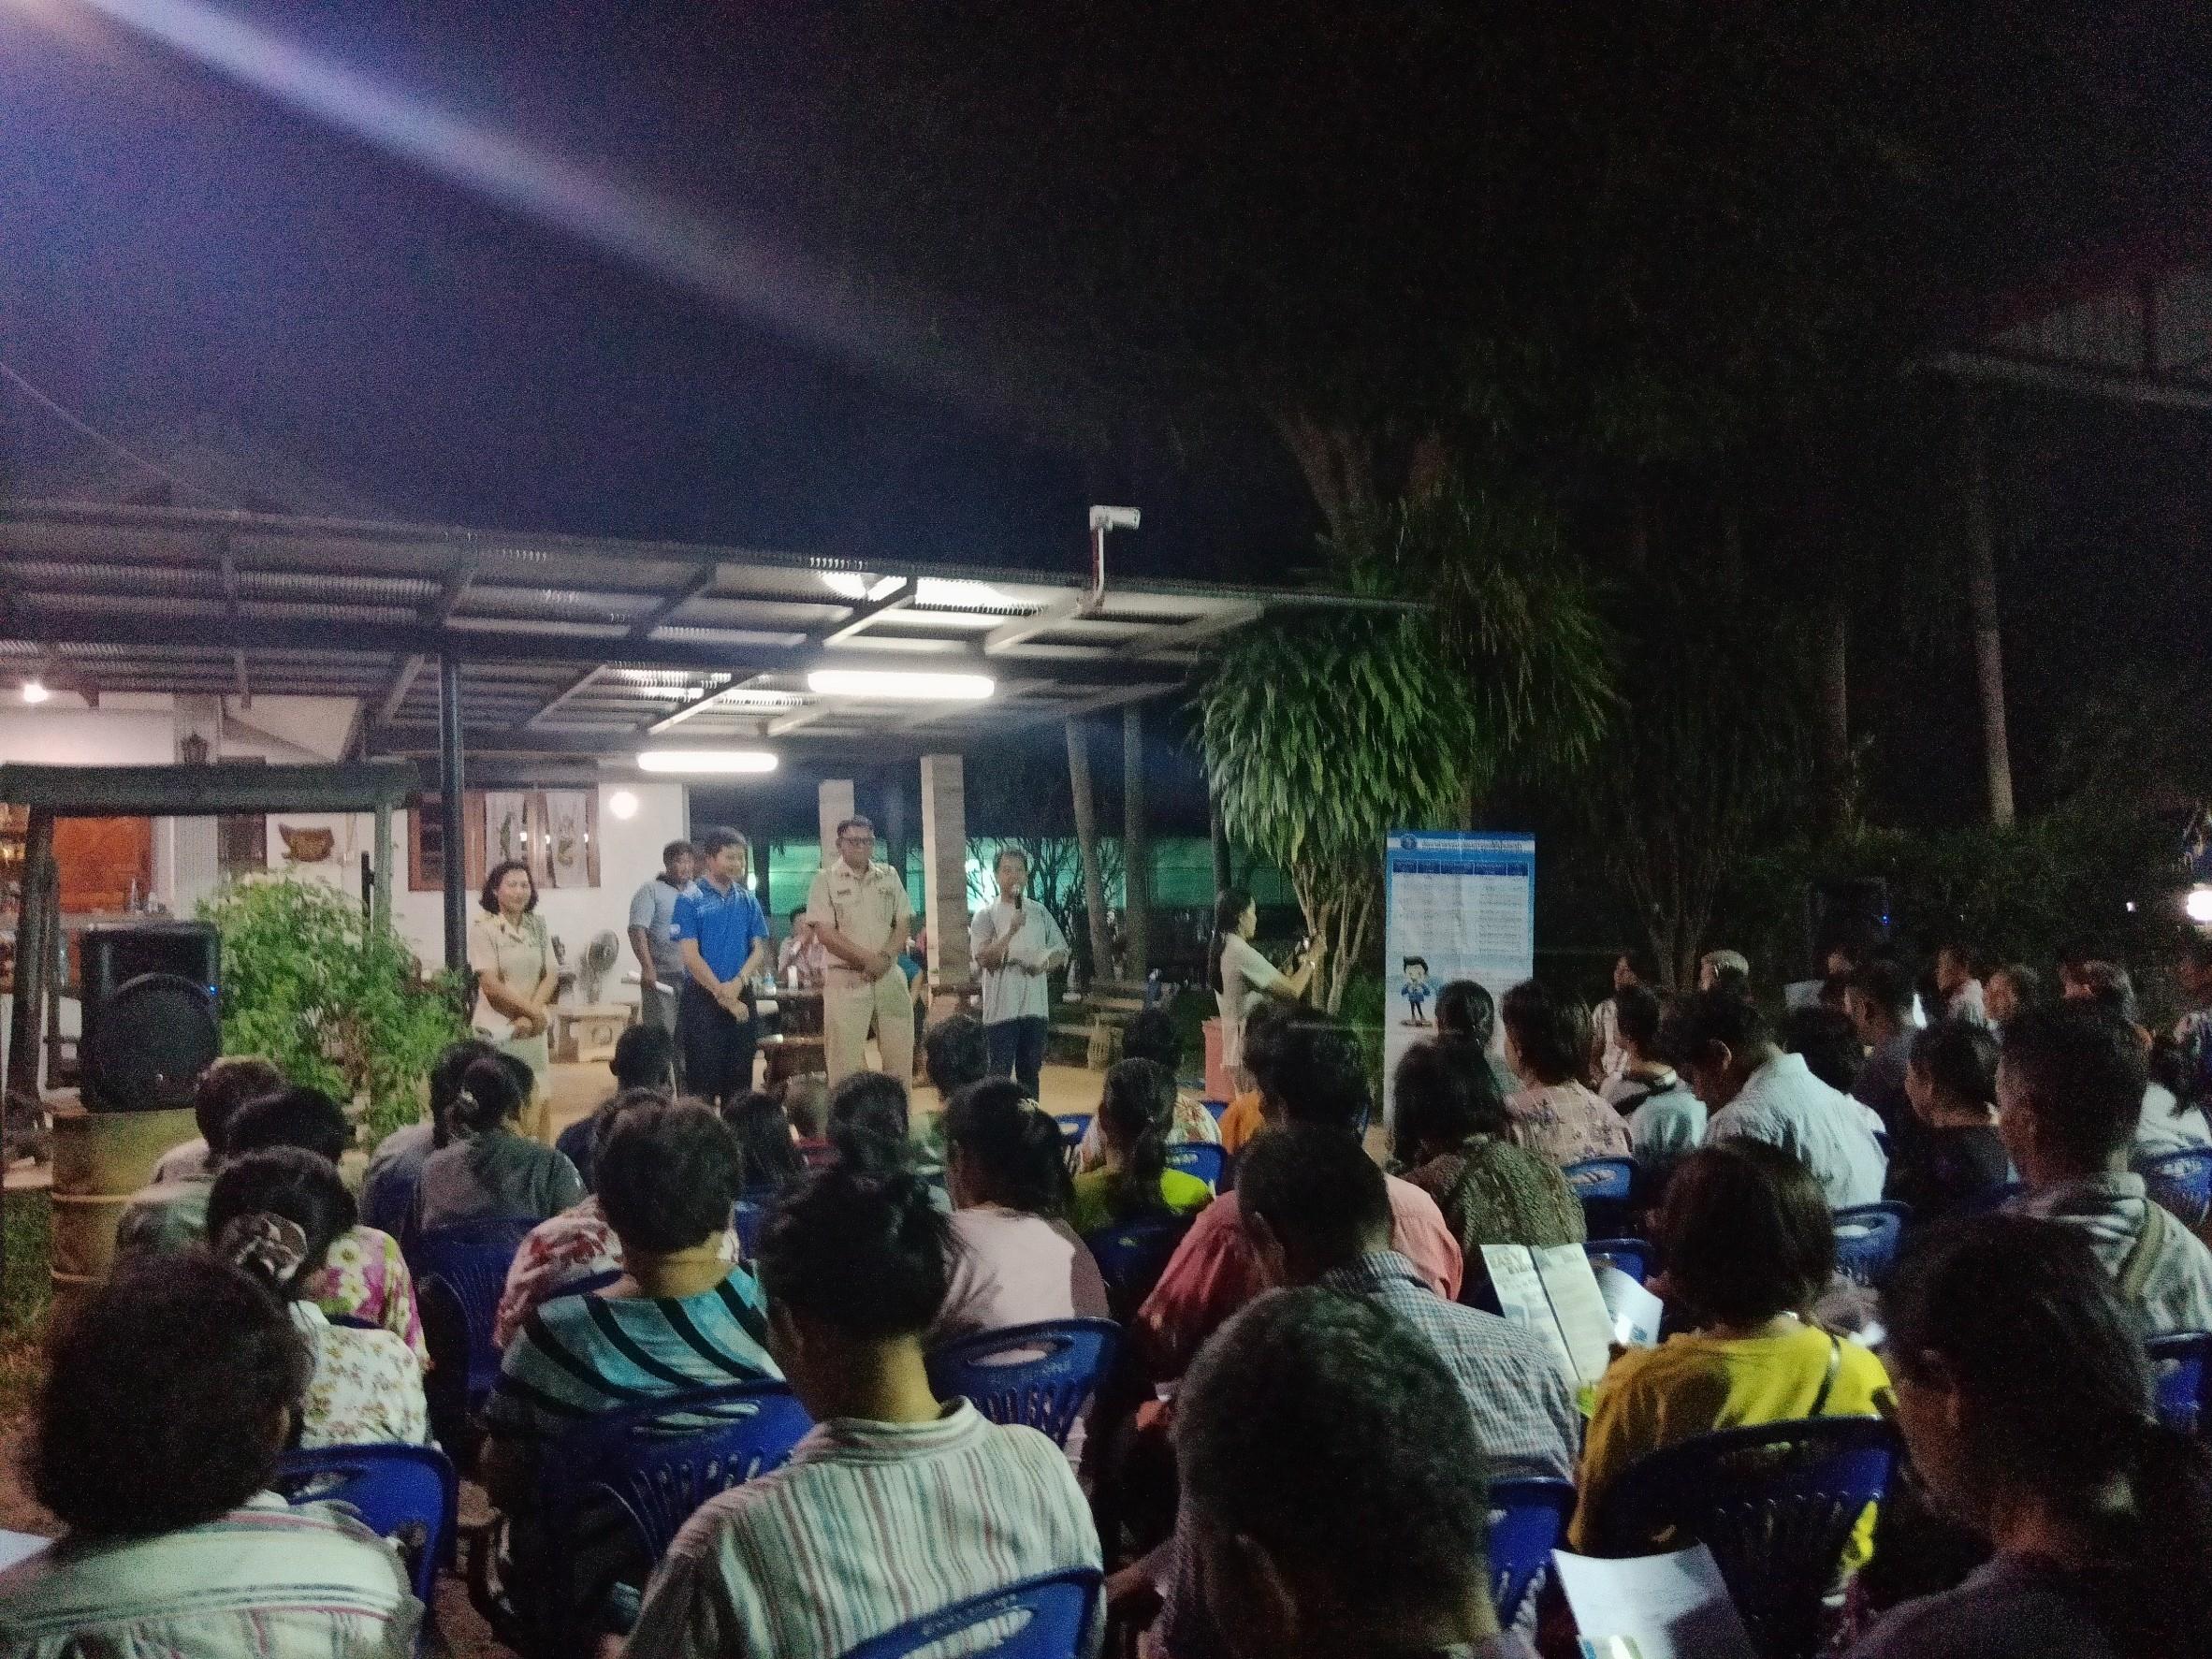 กปภ.สาขาพนมสารคาม เข้าร่วมประชุมประชาคมการรับโอนกิจการประปาองค์การบริหารส่วนตำบลเกาะขนุน